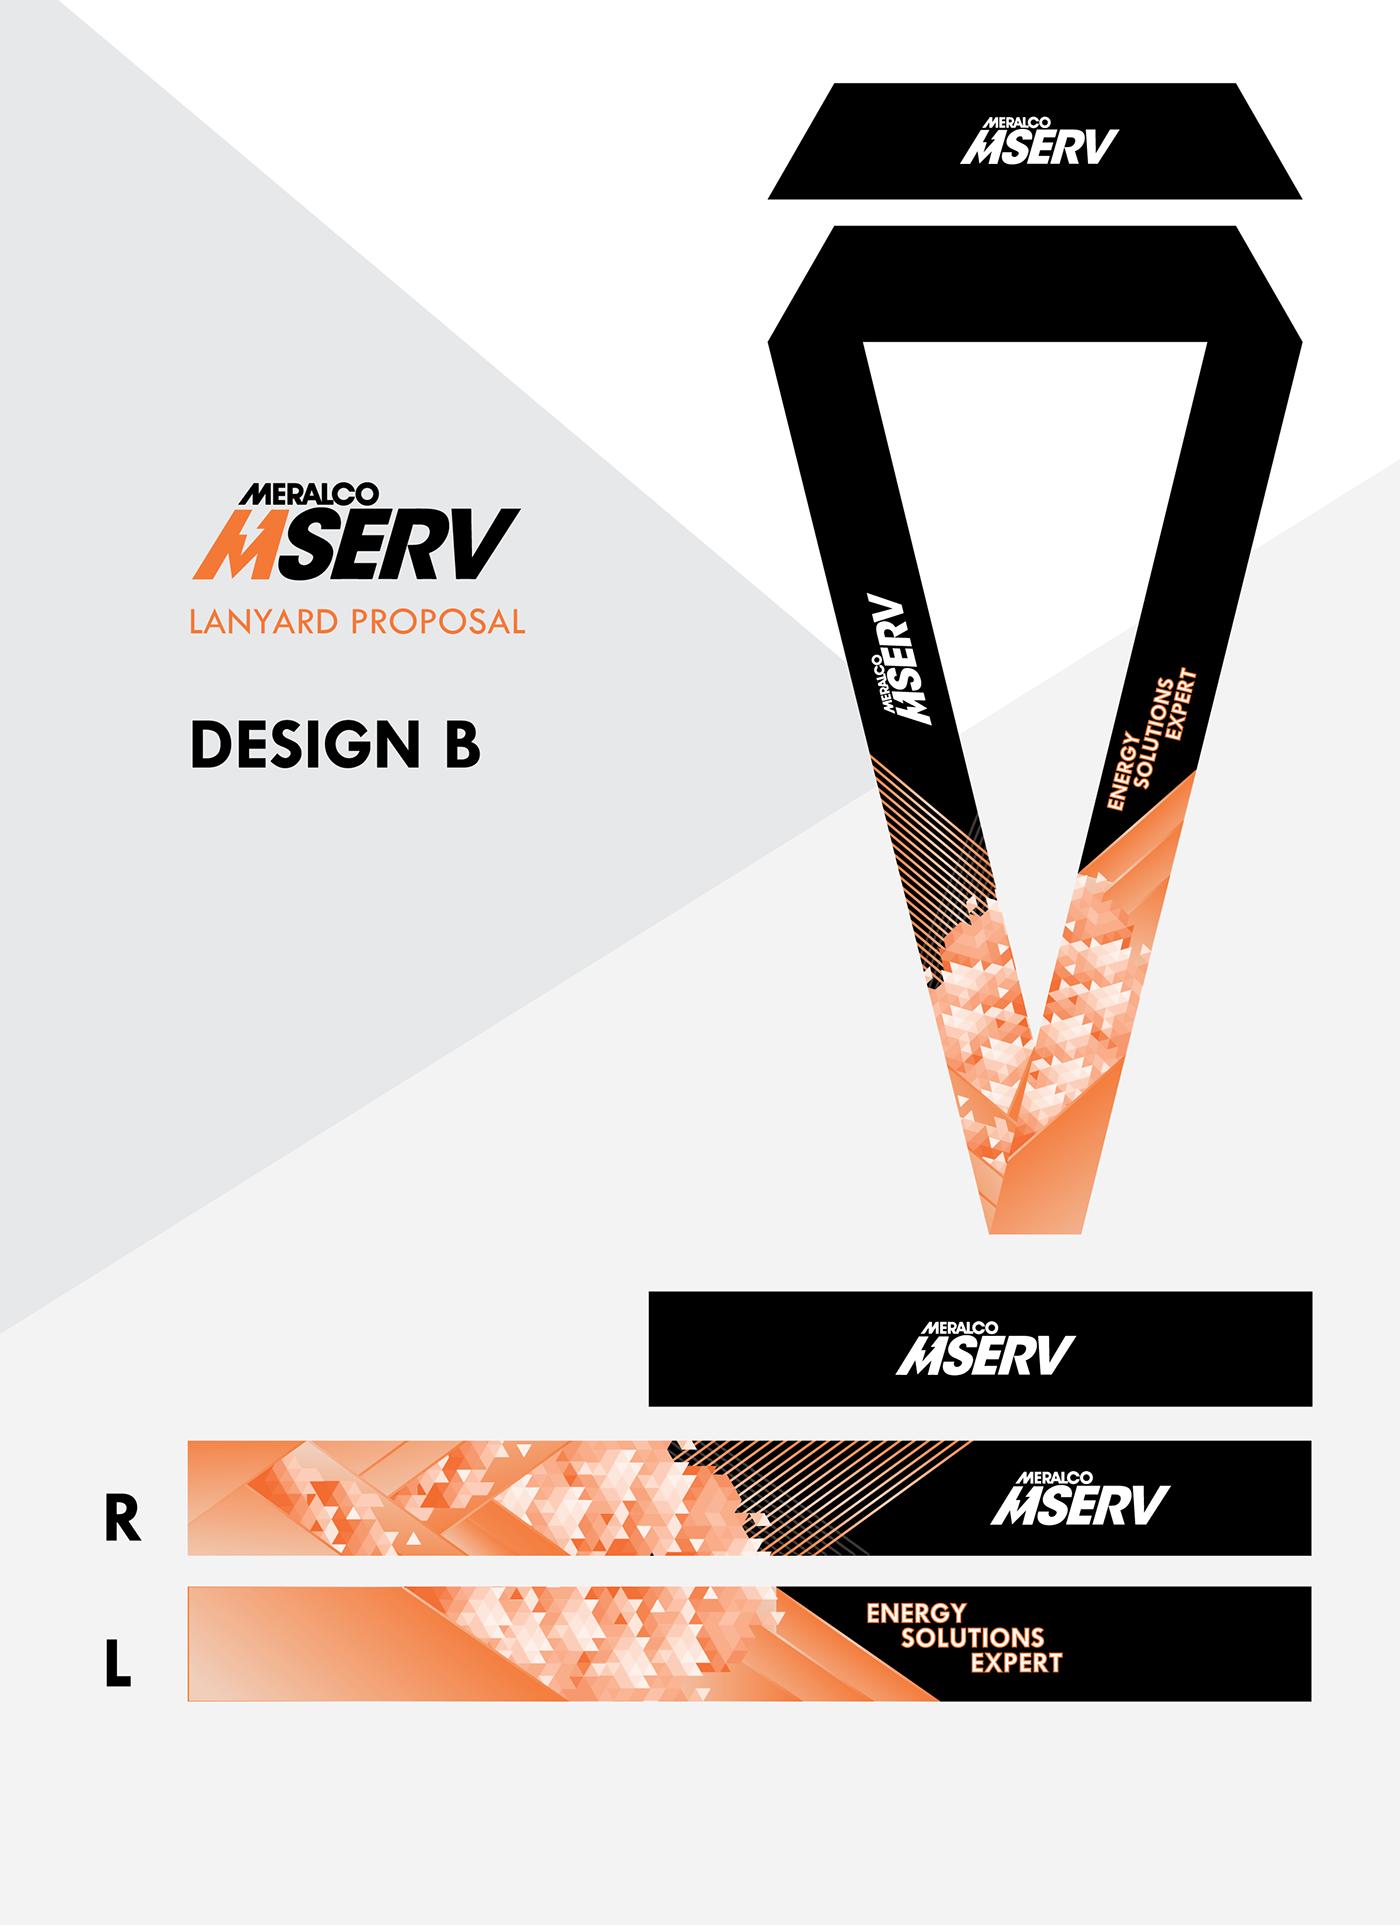 Pin Oleh Emshinn Di Lanyard Designs Kartu Nama Desain Ide